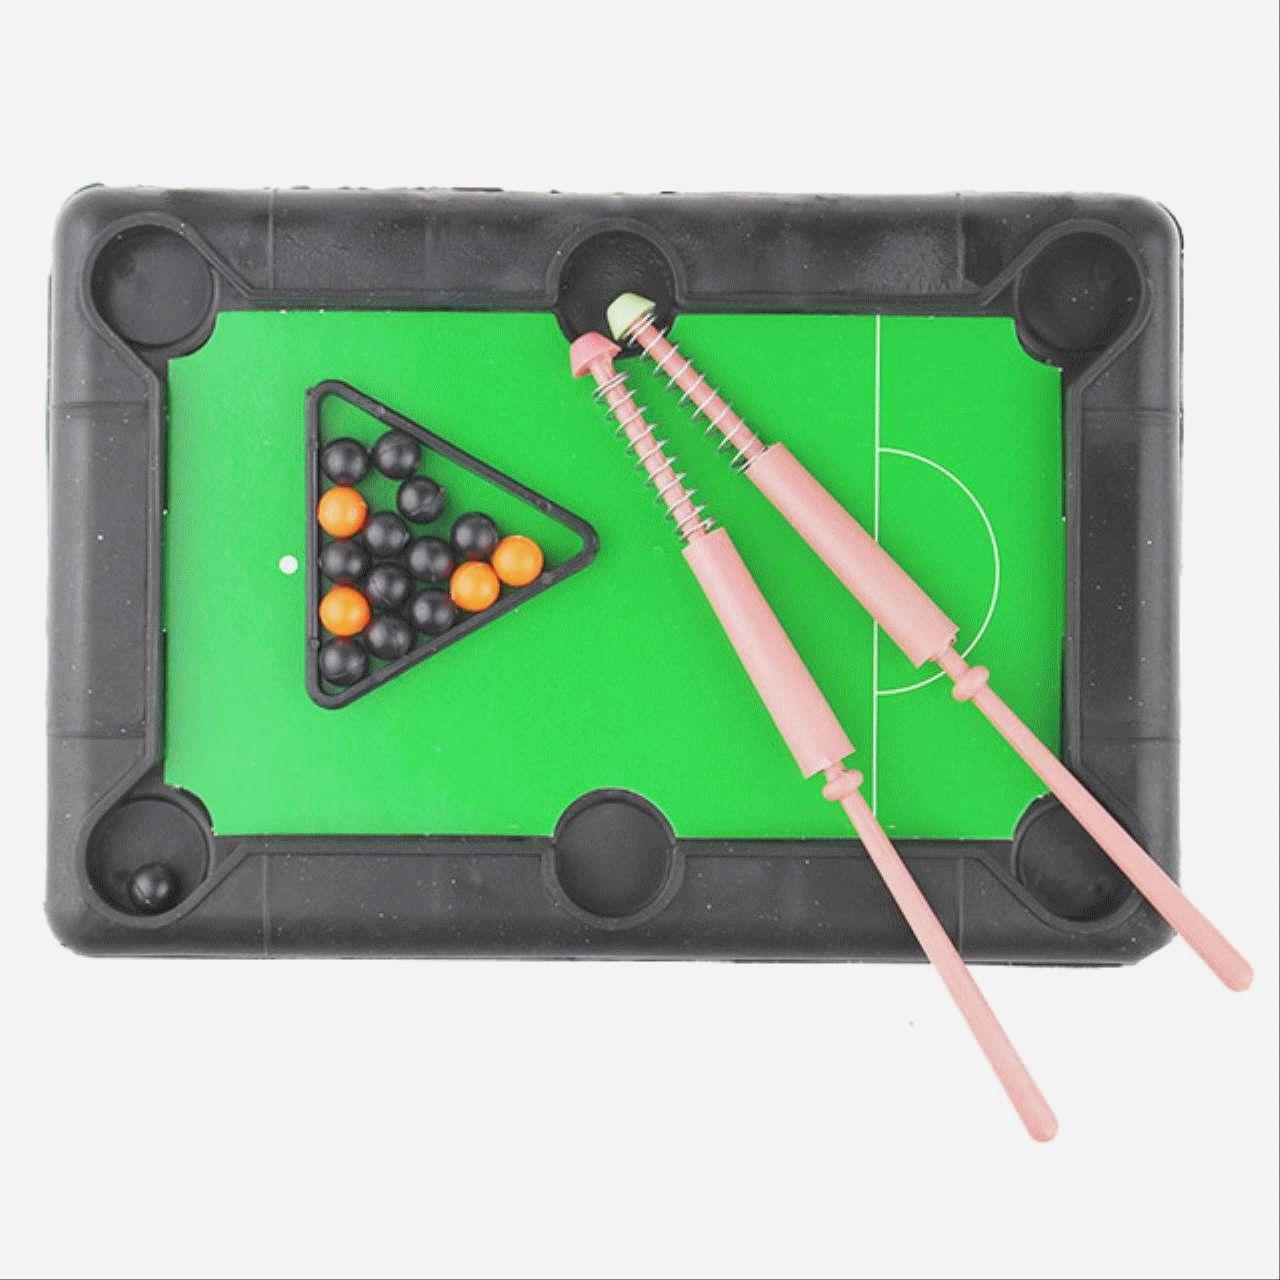 Ücretsiz kargo çocuk bilardo masası Eğlenceli Çocuk Yaratıcı Oyuncak hediyeler Sıcak bulmaca oyuncaklar çocuk bilardo